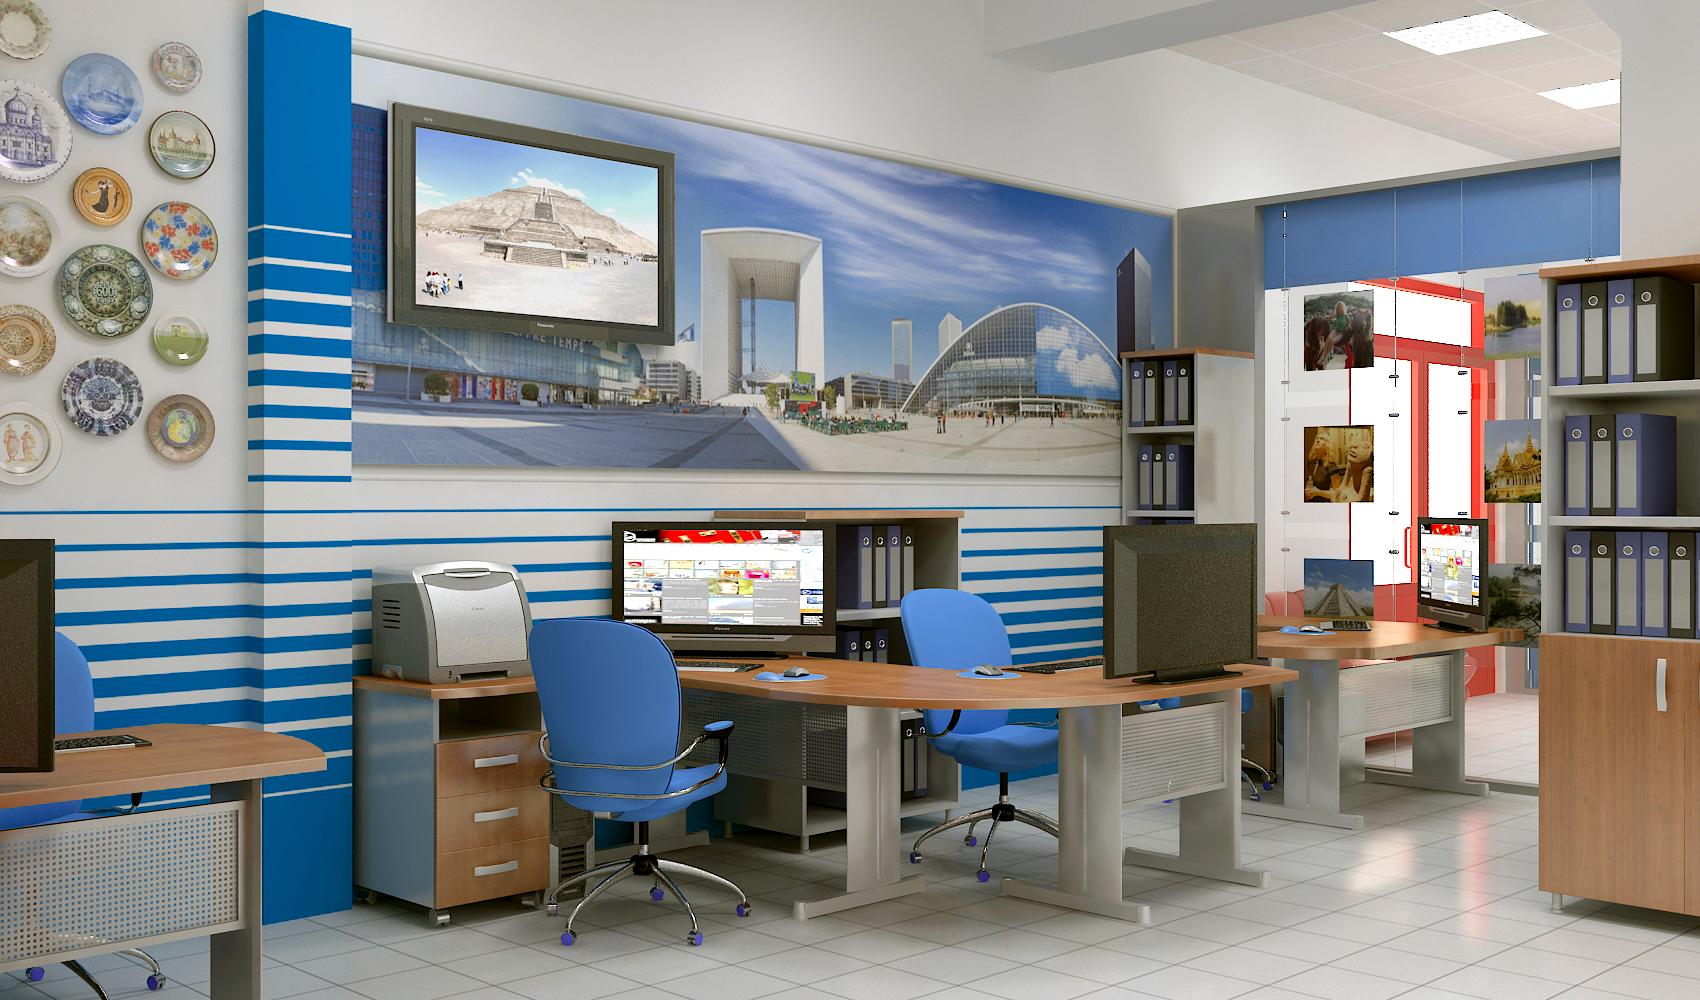 Аренда офиса для туристического агентства коммерческая недвижимость на рынке г.сургута